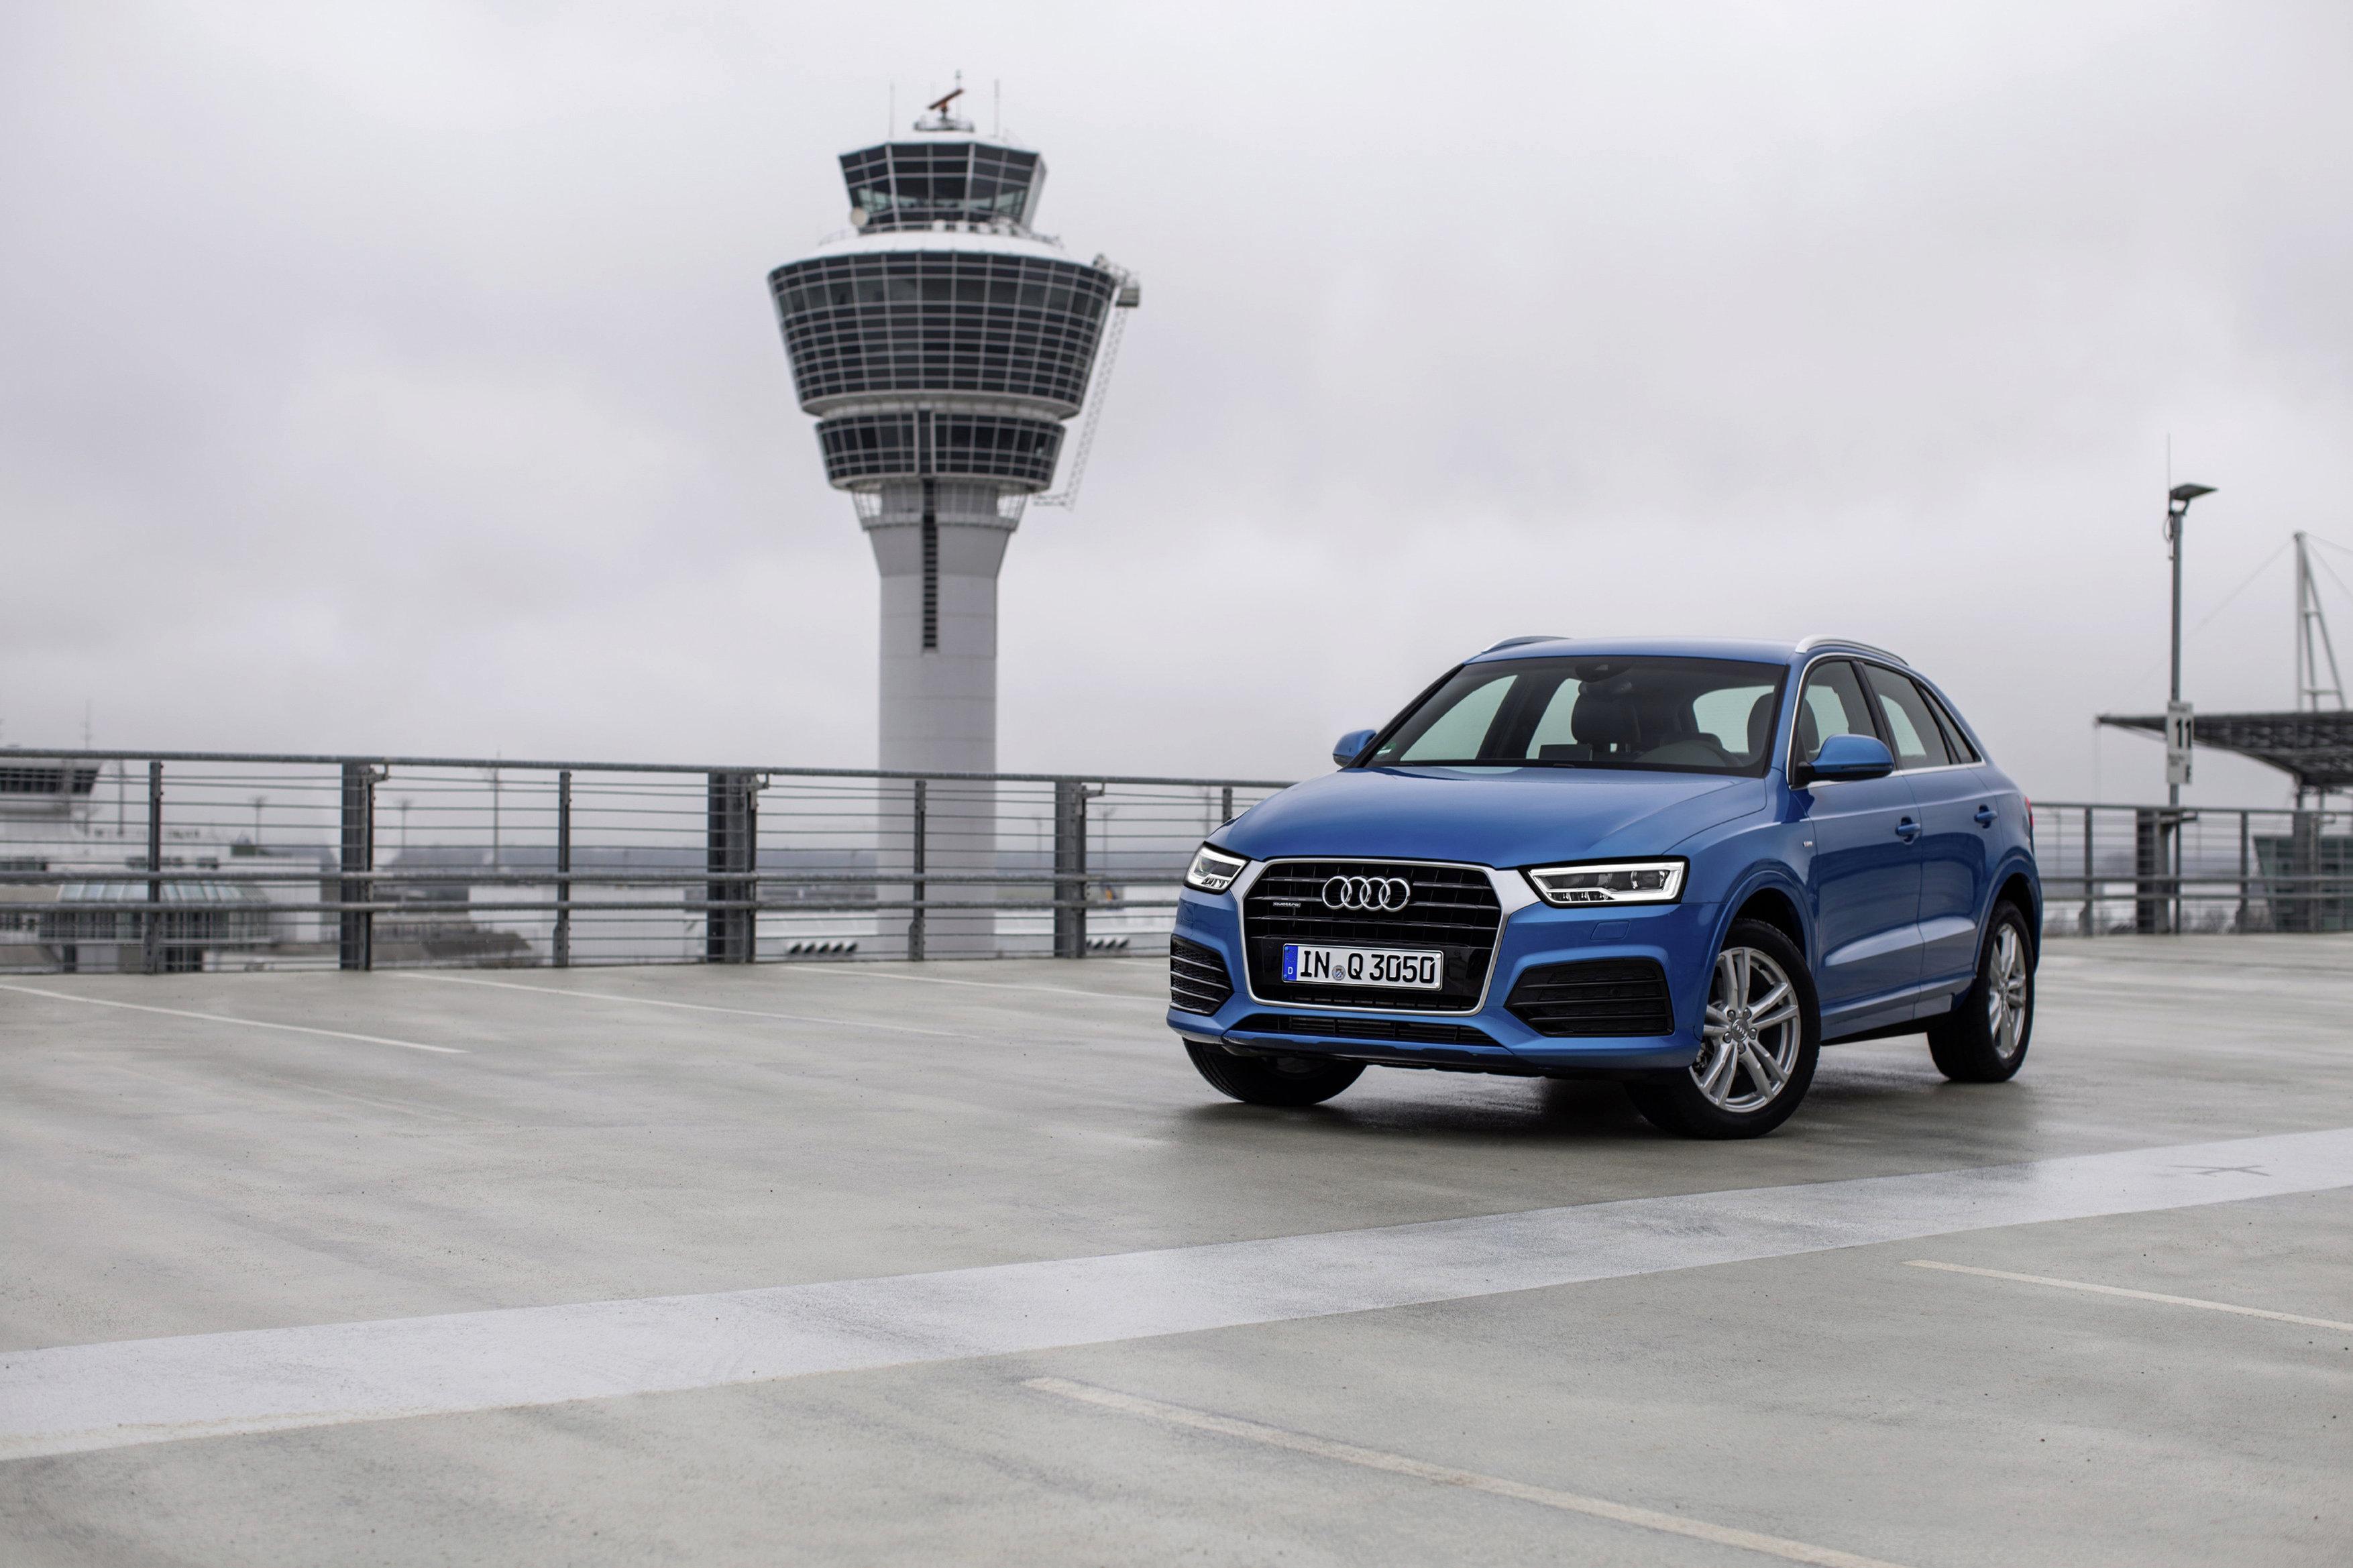 Nuevo Audi Q3, lo manejamos a la planta de Audi en Puebla